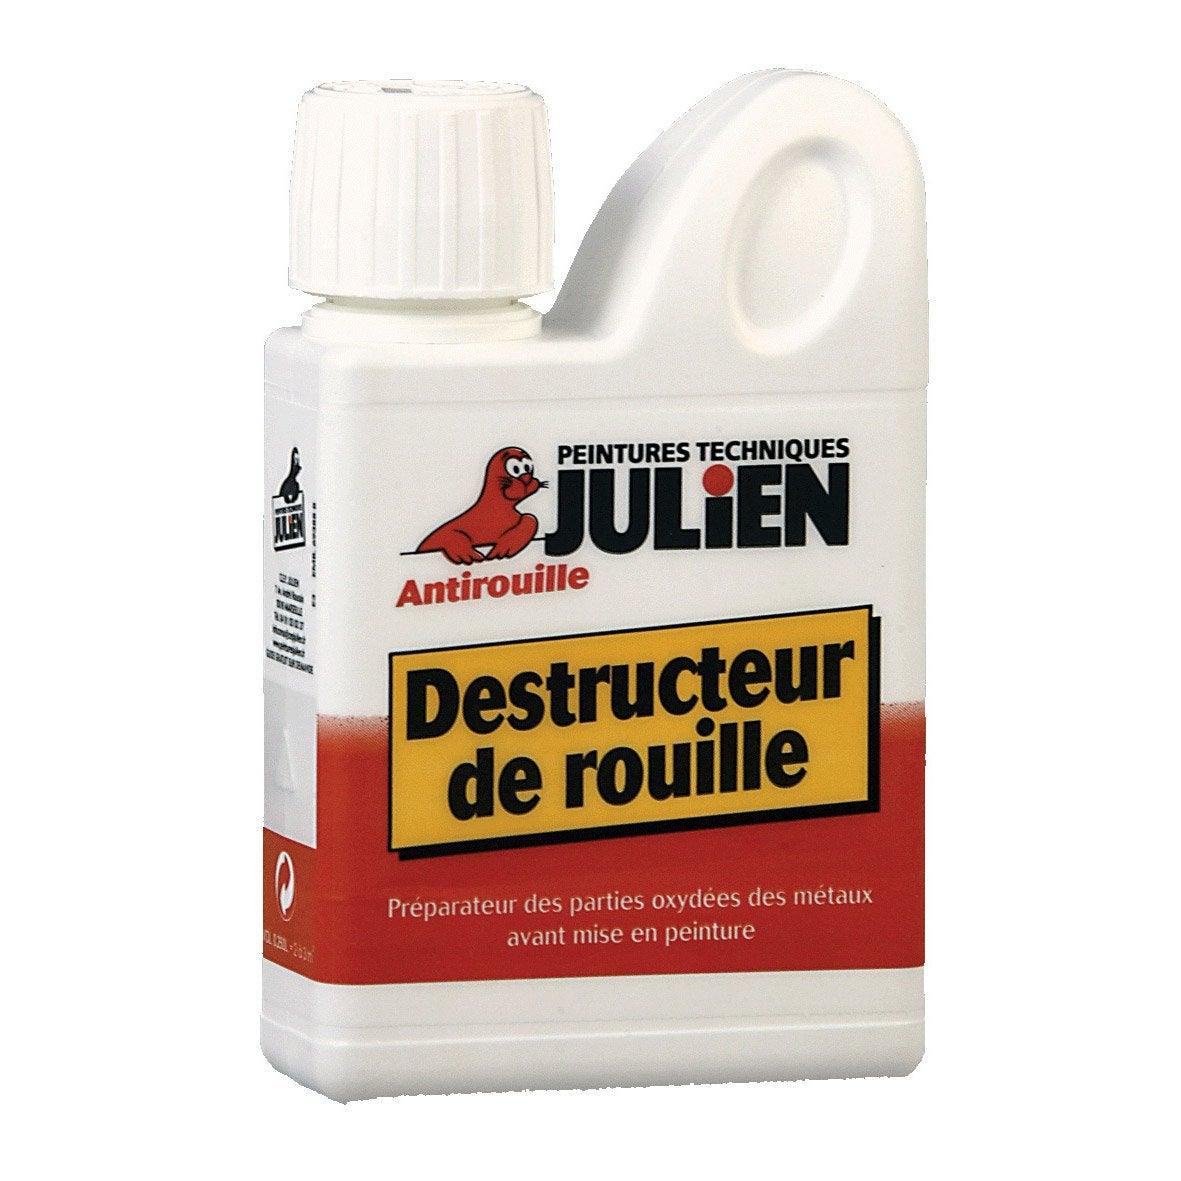 Destructeur de rouille ext rieur julien incolore l for Produit pour nettoyer la rouille